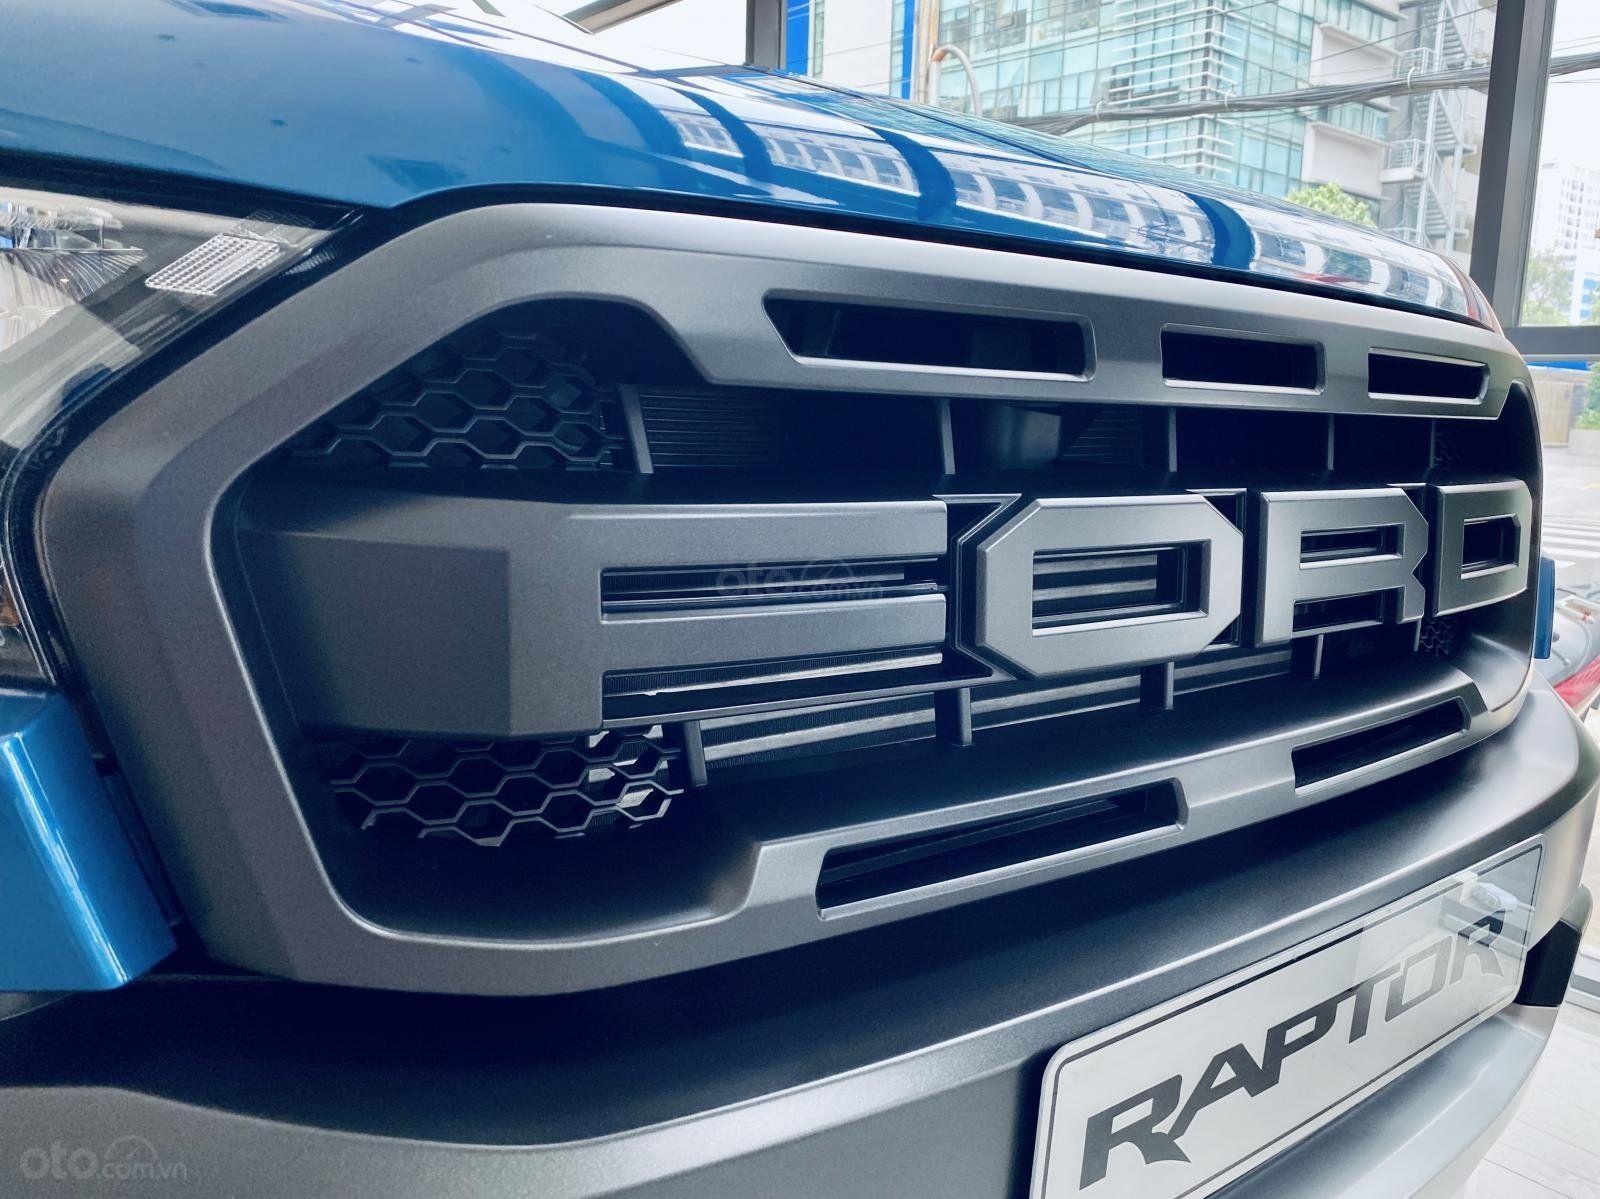 Ac điểu Ford Ranger Raptor 2020 Nang Cấp đang Gia ưu đai Khủng Giảm Tiền Mặt Va Hang Loạt Phụ Kiện Chinh Hang Trong 2020 Ford Ranger Ford Fox Racing